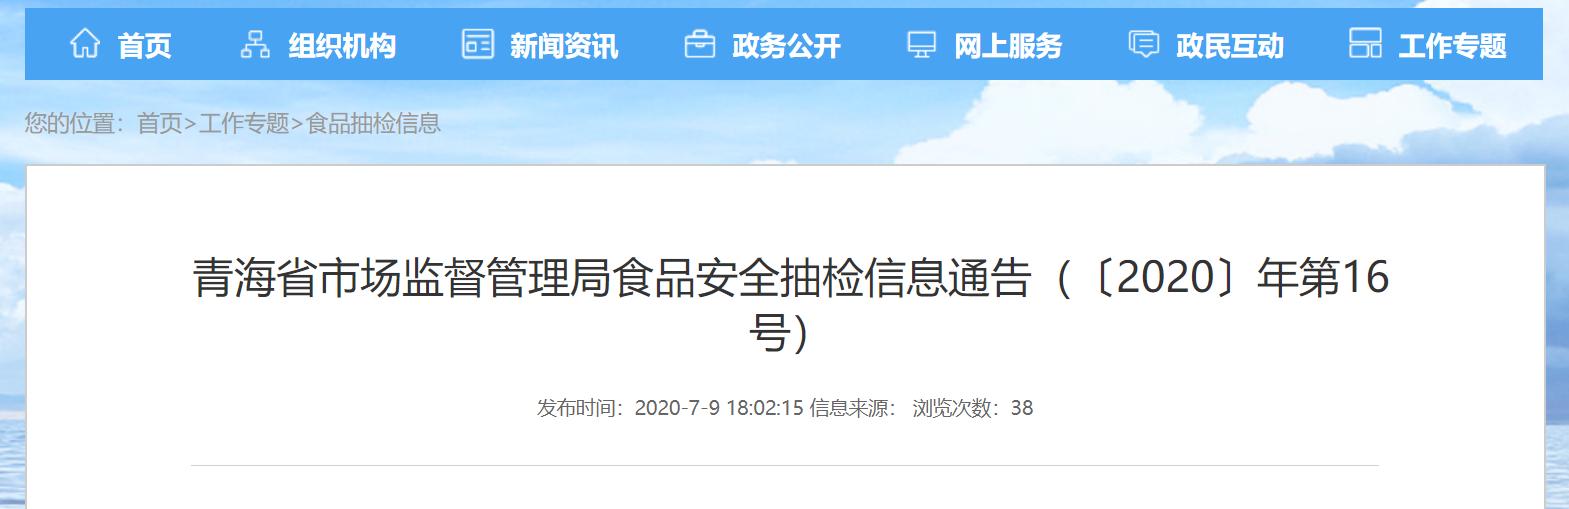 青海省市场监督管理局抽检13批次